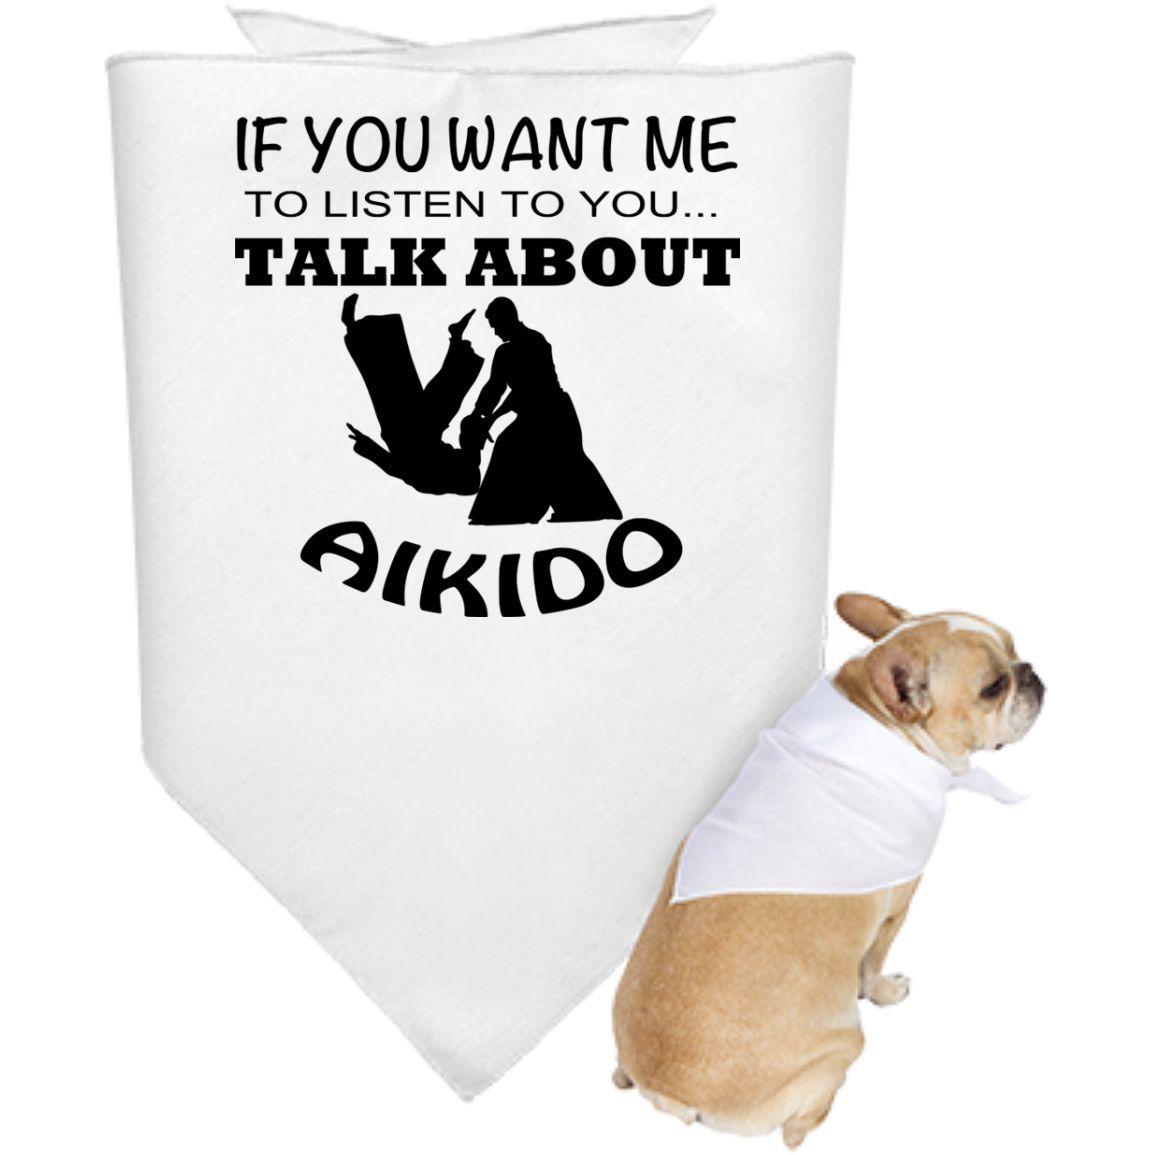 Aikido dog